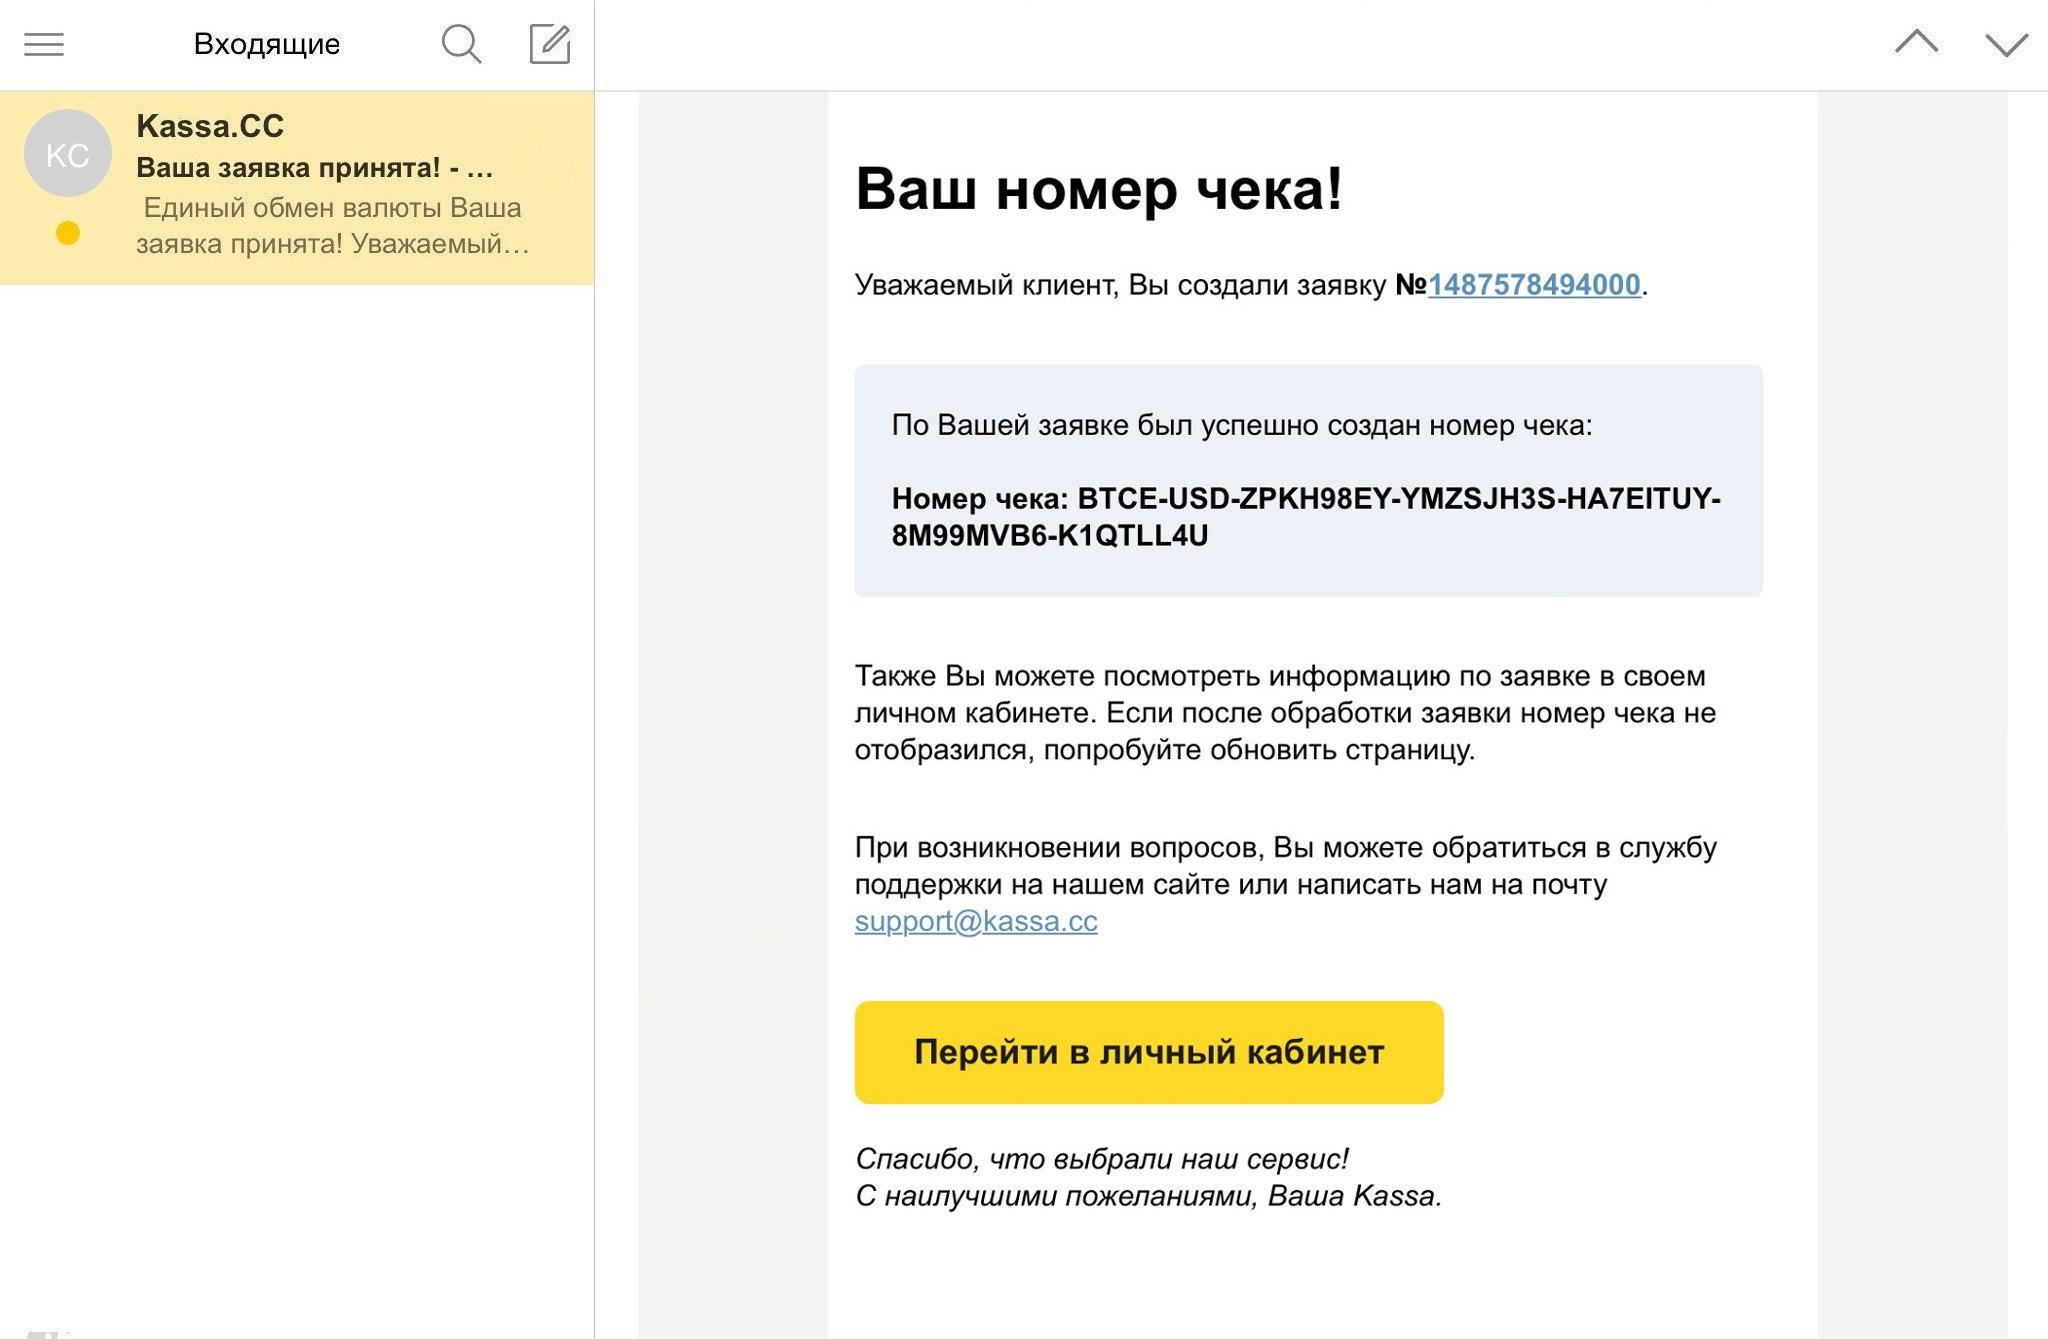 Kassa.cc - единый обмен валюты. Перевод с карты Альфа-Банк на BTC-e USD